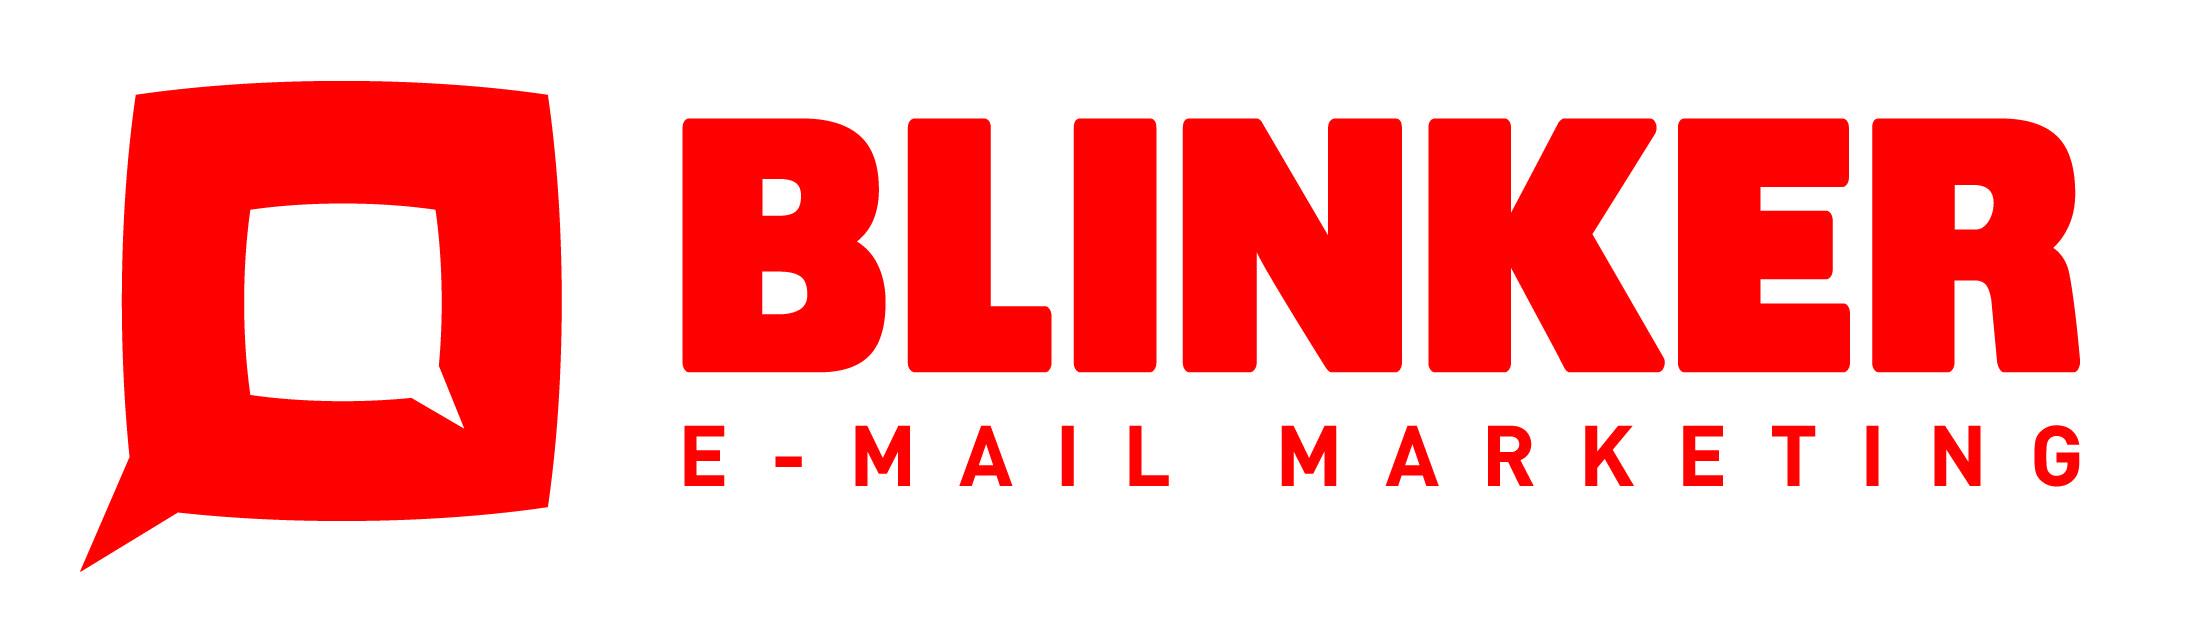 Blinker - E-mail marketing